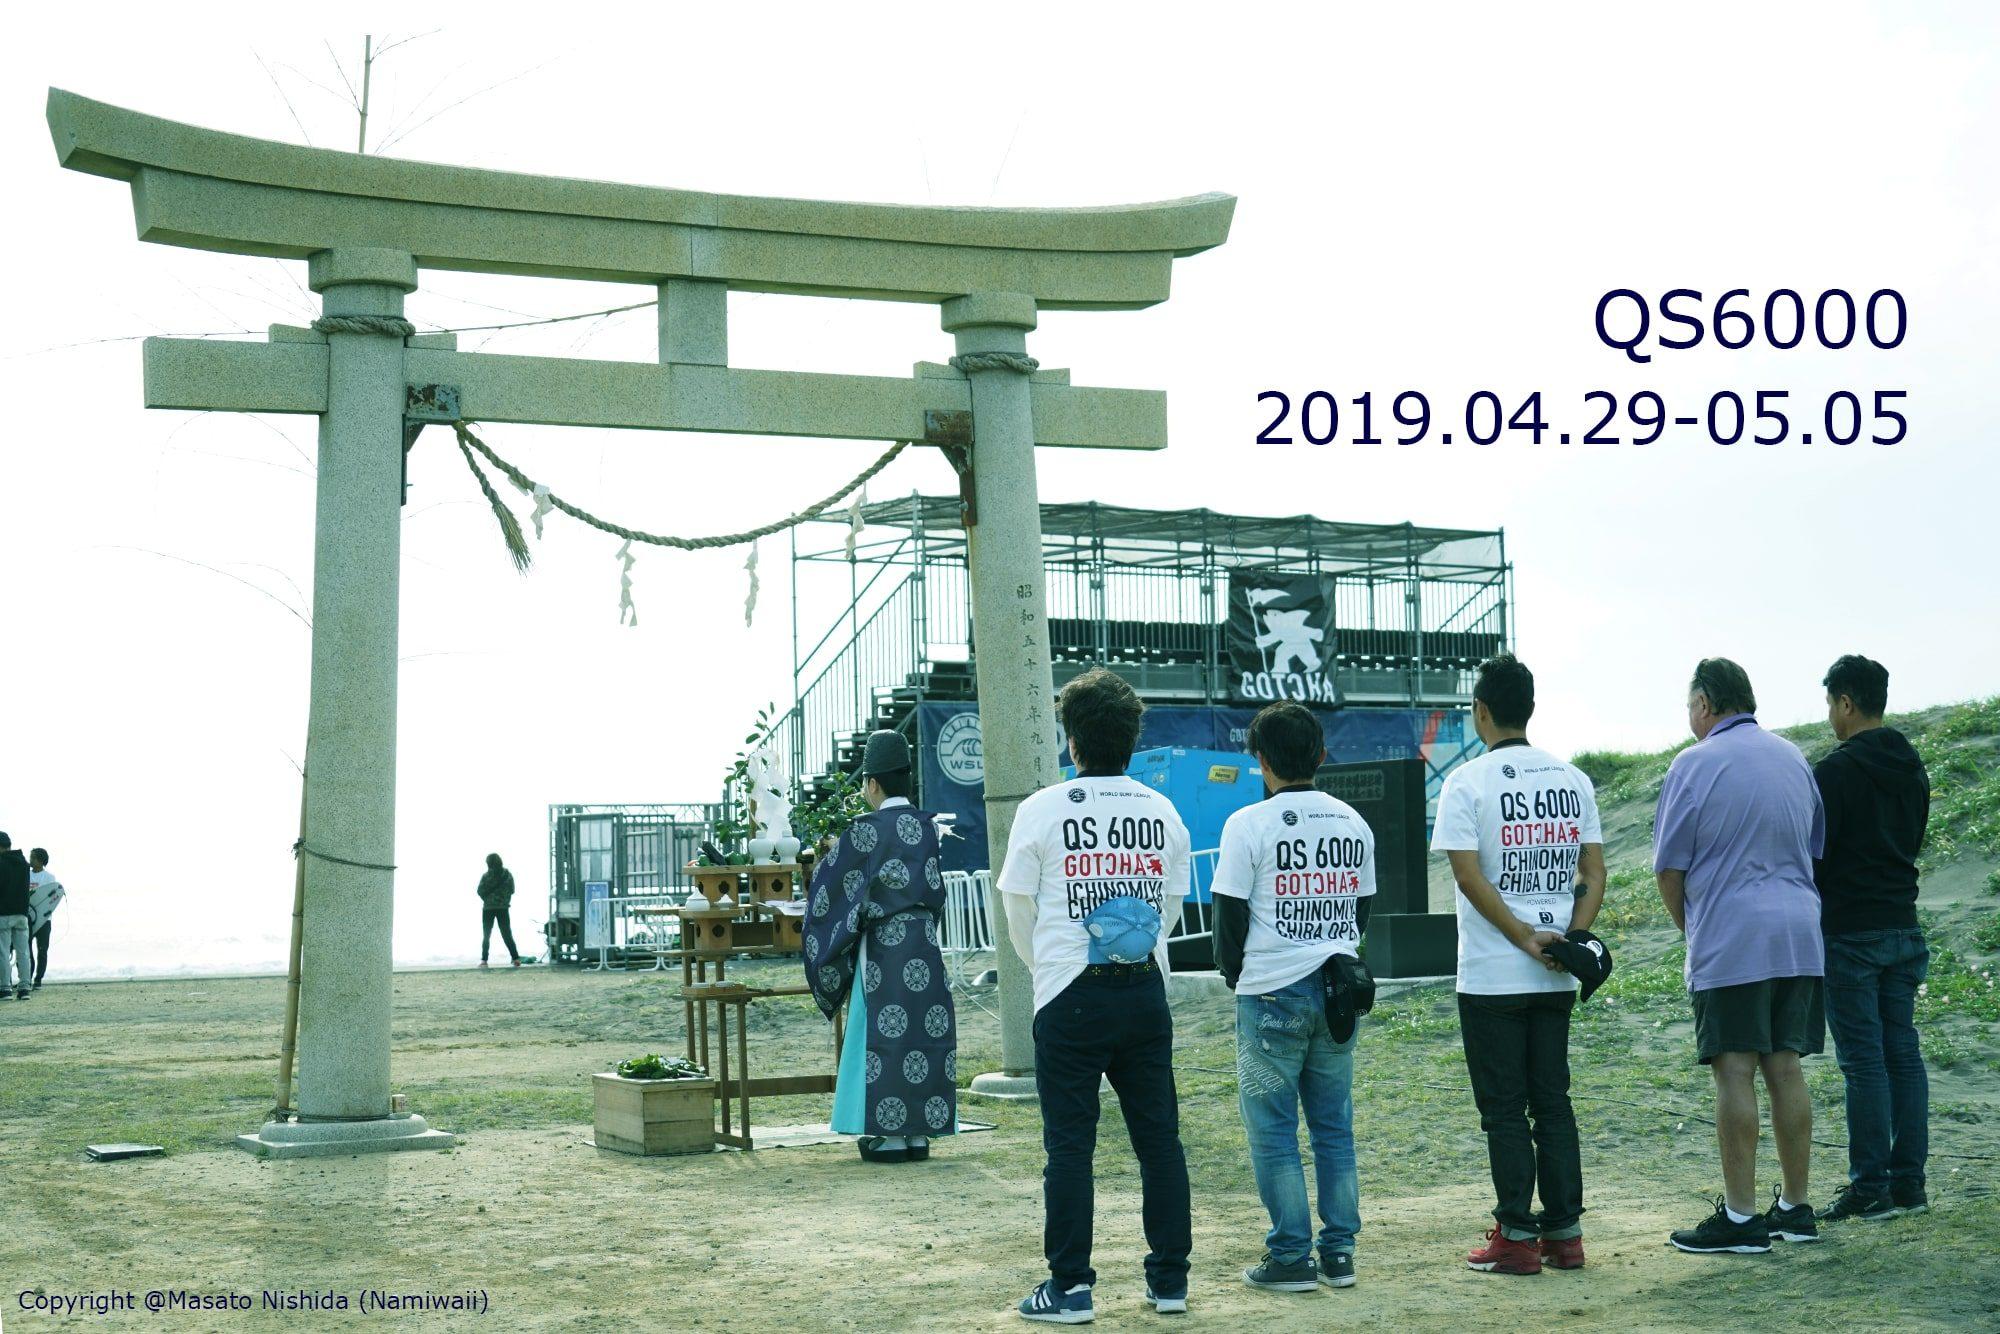 QS6000 ichinomiya chiba open 2019